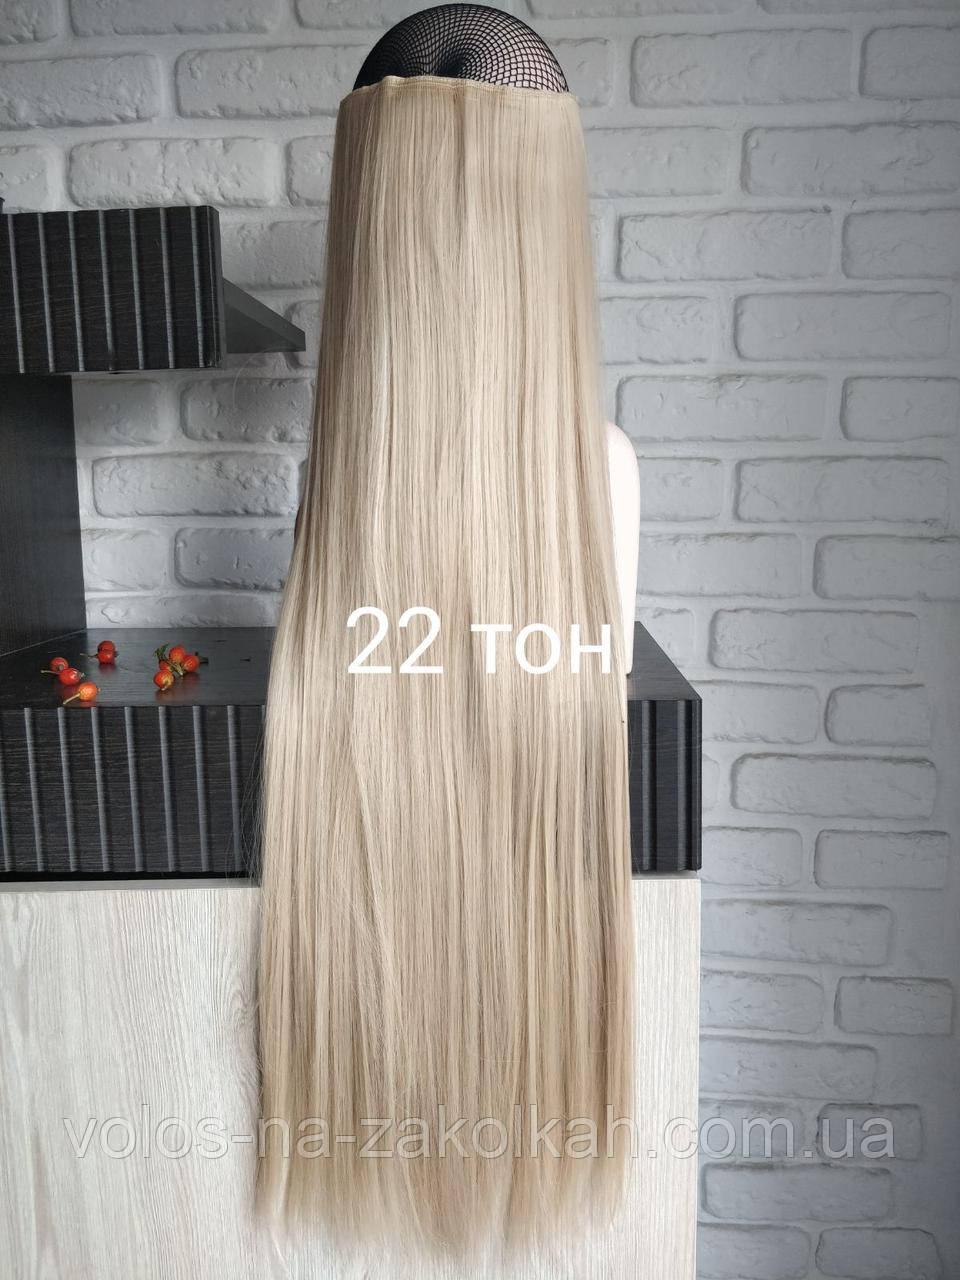 Одиночная широкая прядь цвет №22 бежевый блондин с розовинкой  70см длина